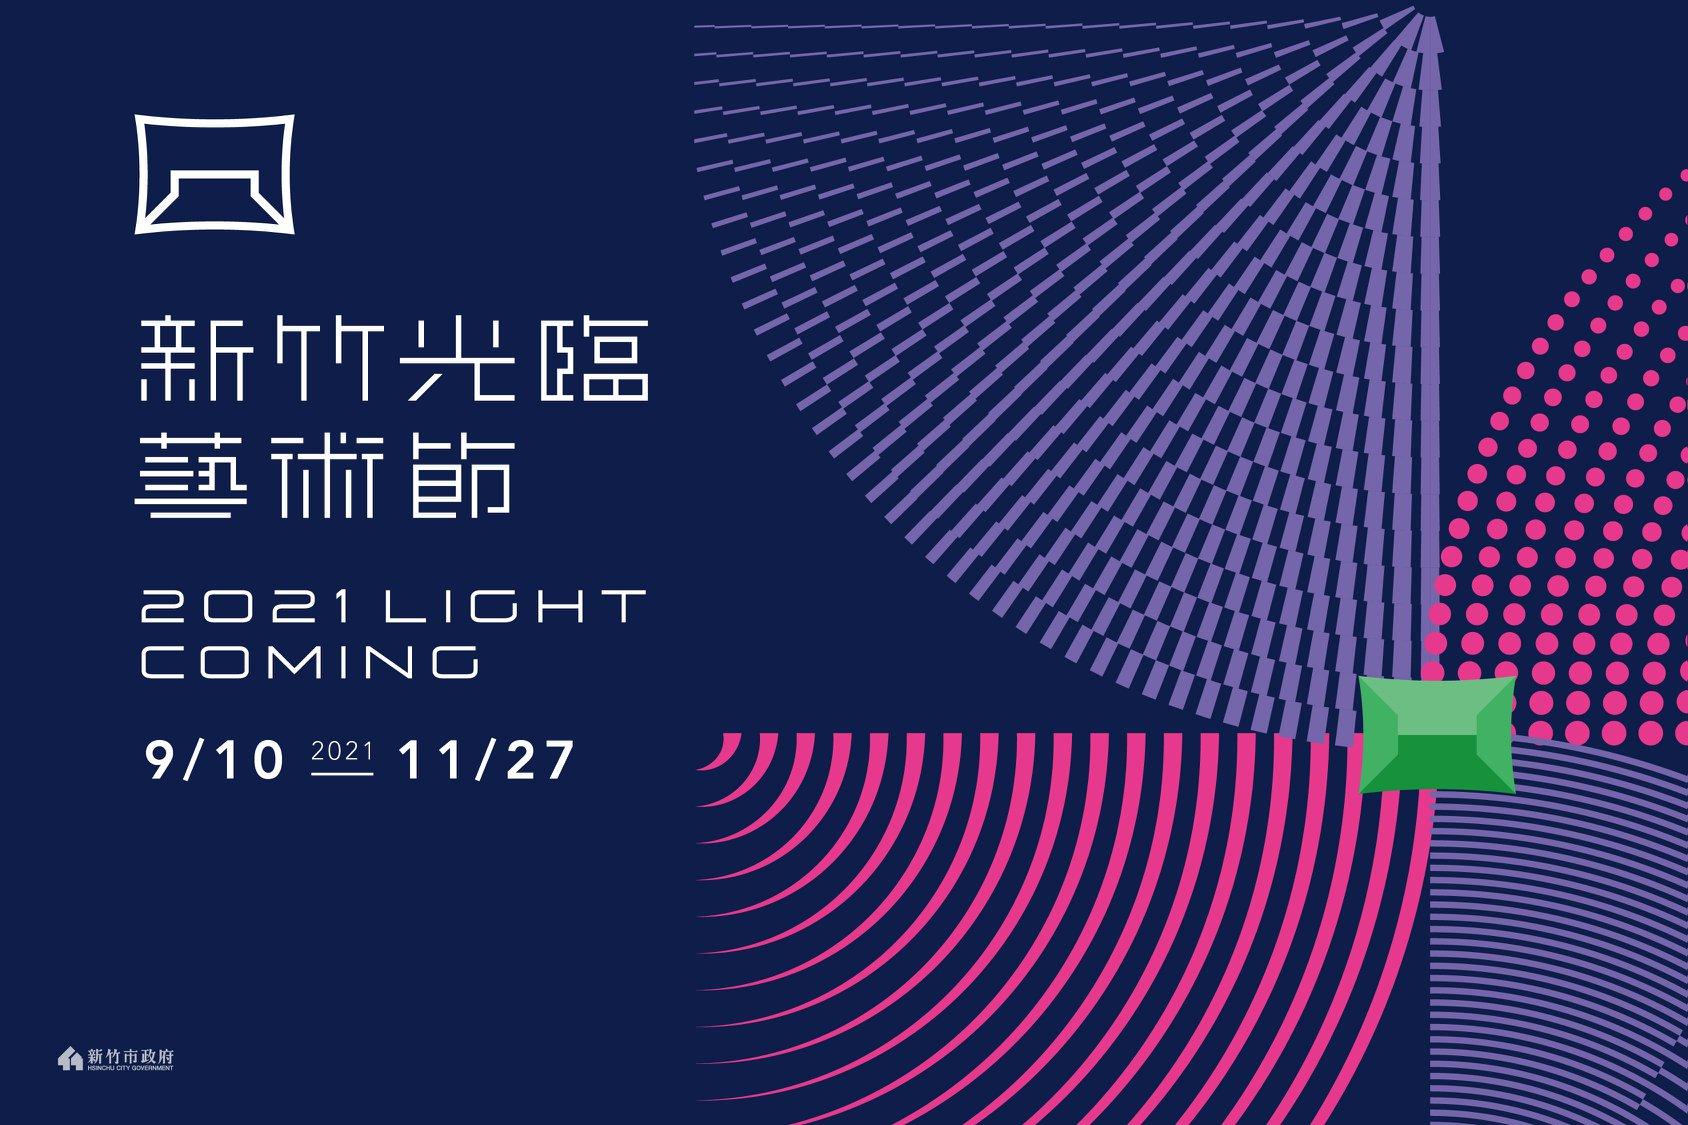 2021新竹光臨藝術節攻略!必看巨型光影裝置藝術及奇幻曲線森林,科技未來燈區中秋連假登場